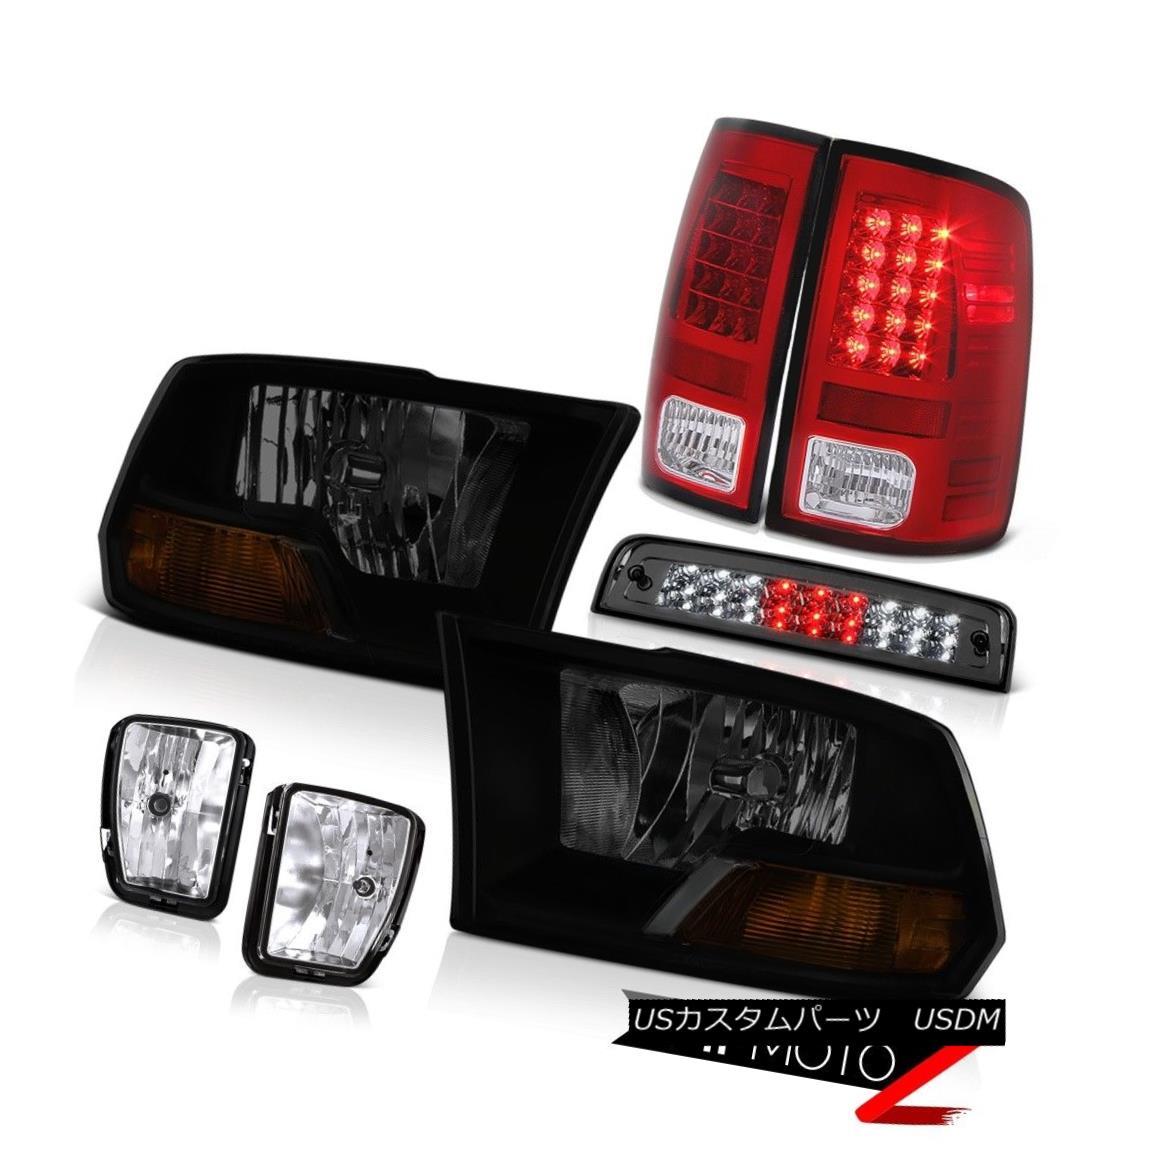 テールライト 13-18 Dodge Ram 1500 SLT Third Brake Lamp Fog Lamps Rear Headlamps LED Assembly 13-18 Dodge Ram 1500 SLT第3ブレーキランプフォグランプリアヘッドランプLEDアセンブリ